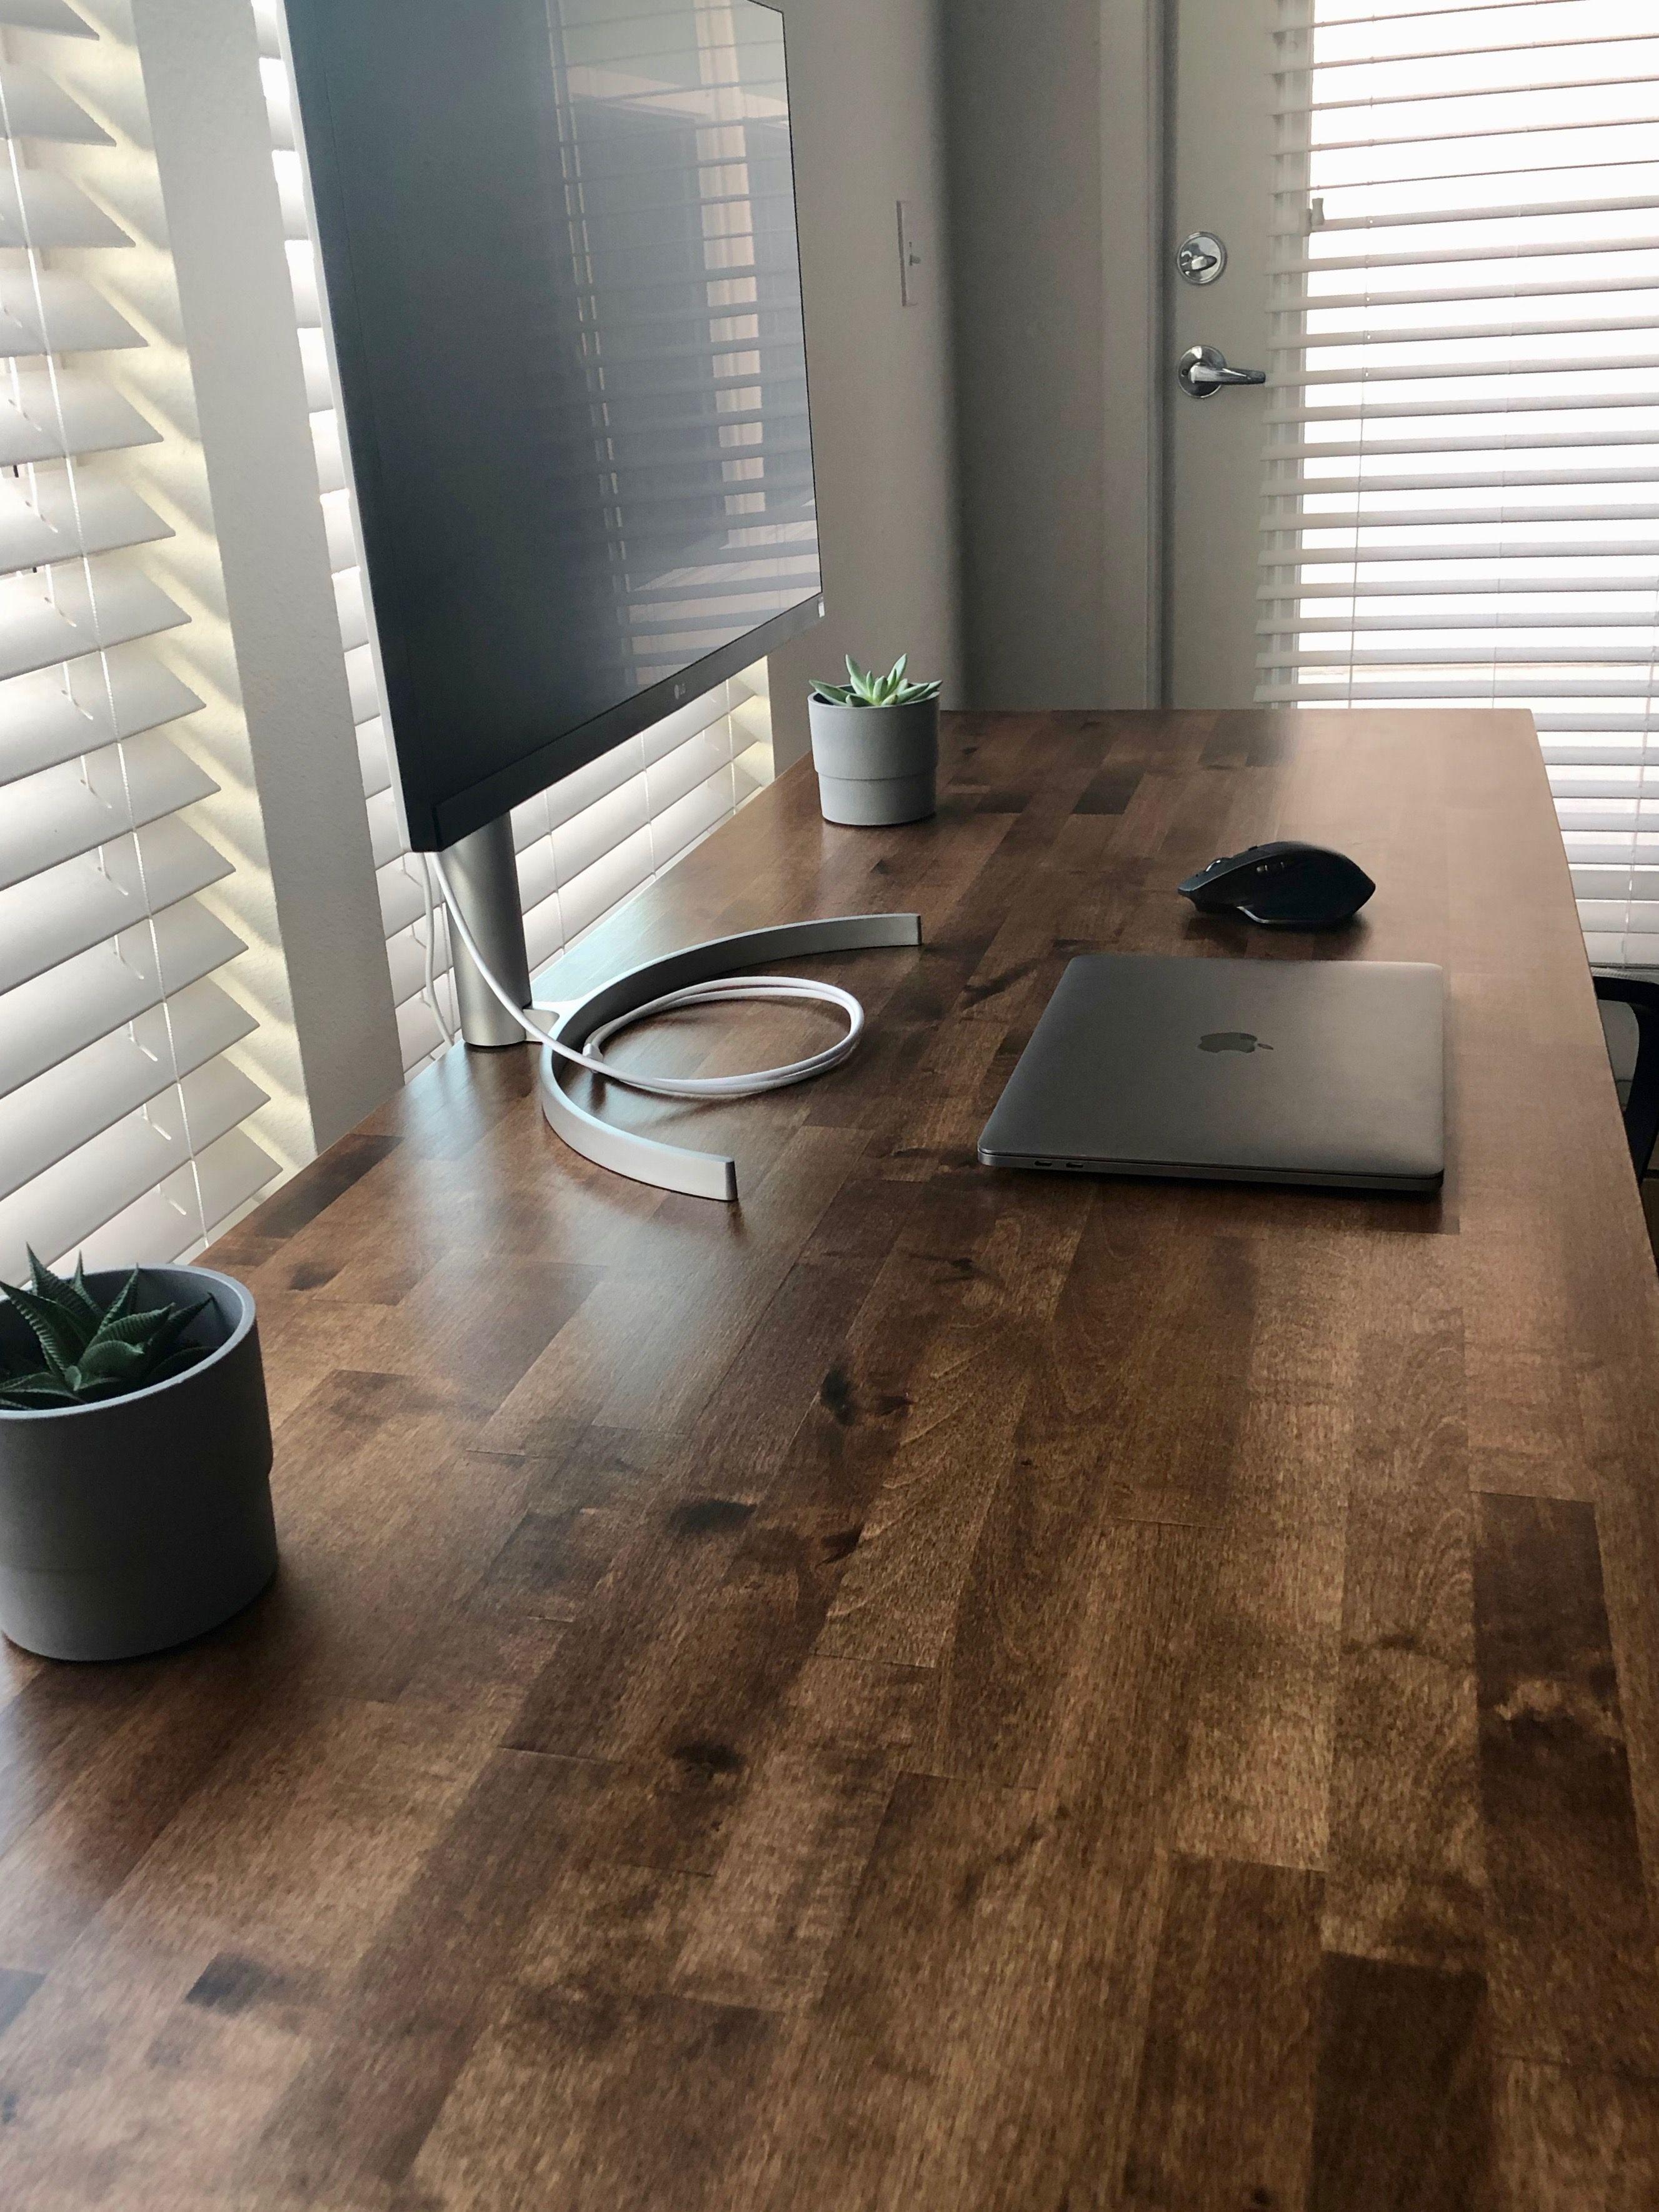 Custom Uplift V2 Sit Stand Desk Handmade Crafts Howto Diy Sit Stand Desk Standing Desk Home Upgrades